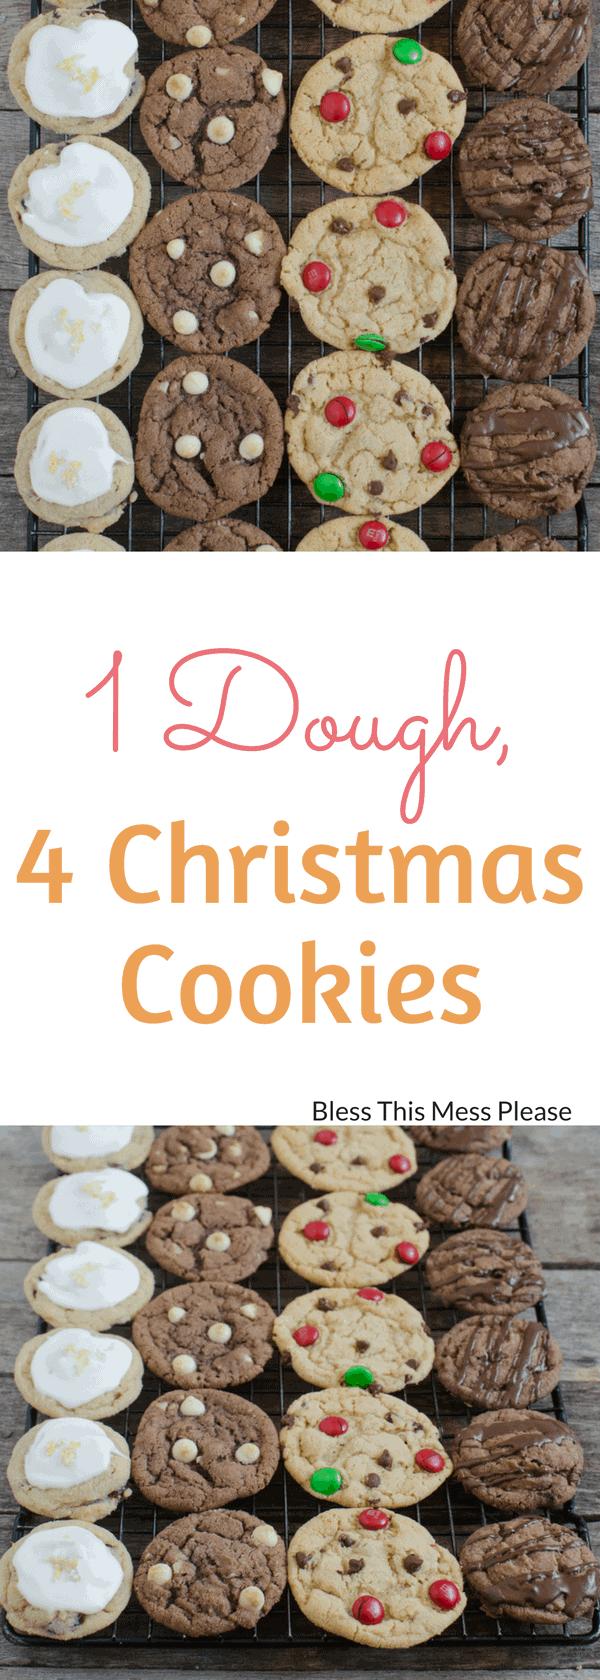 1 Dough, 4 Christmas Cookies